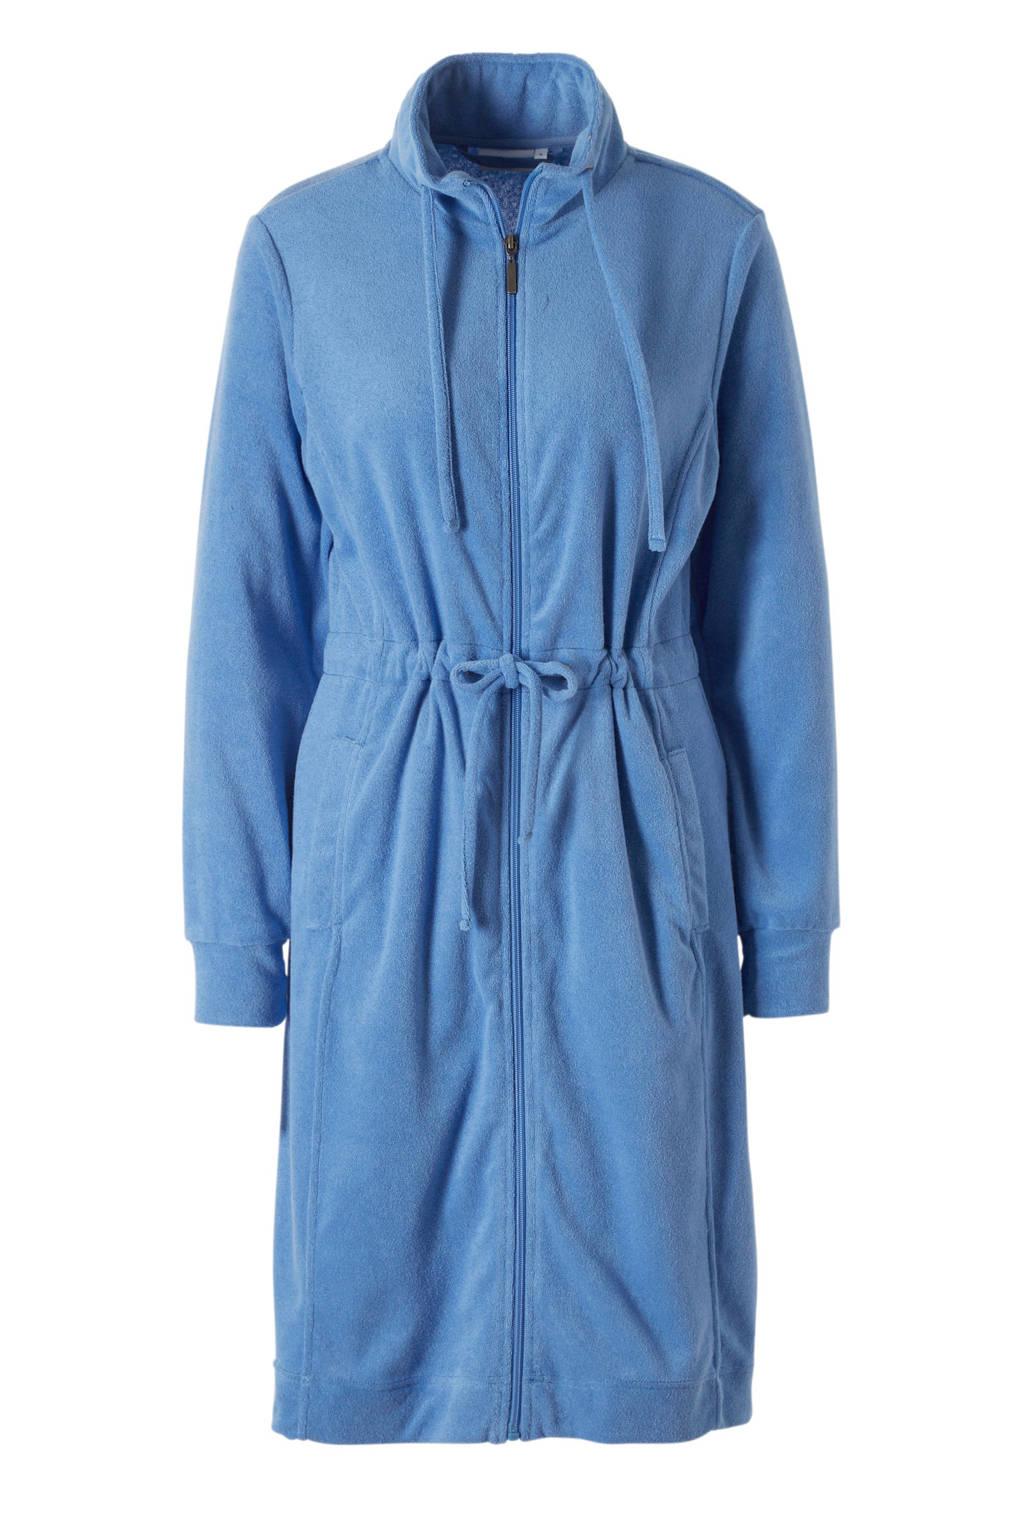 Pastunette badstof badjas met ritssluiting blauw, Blauw